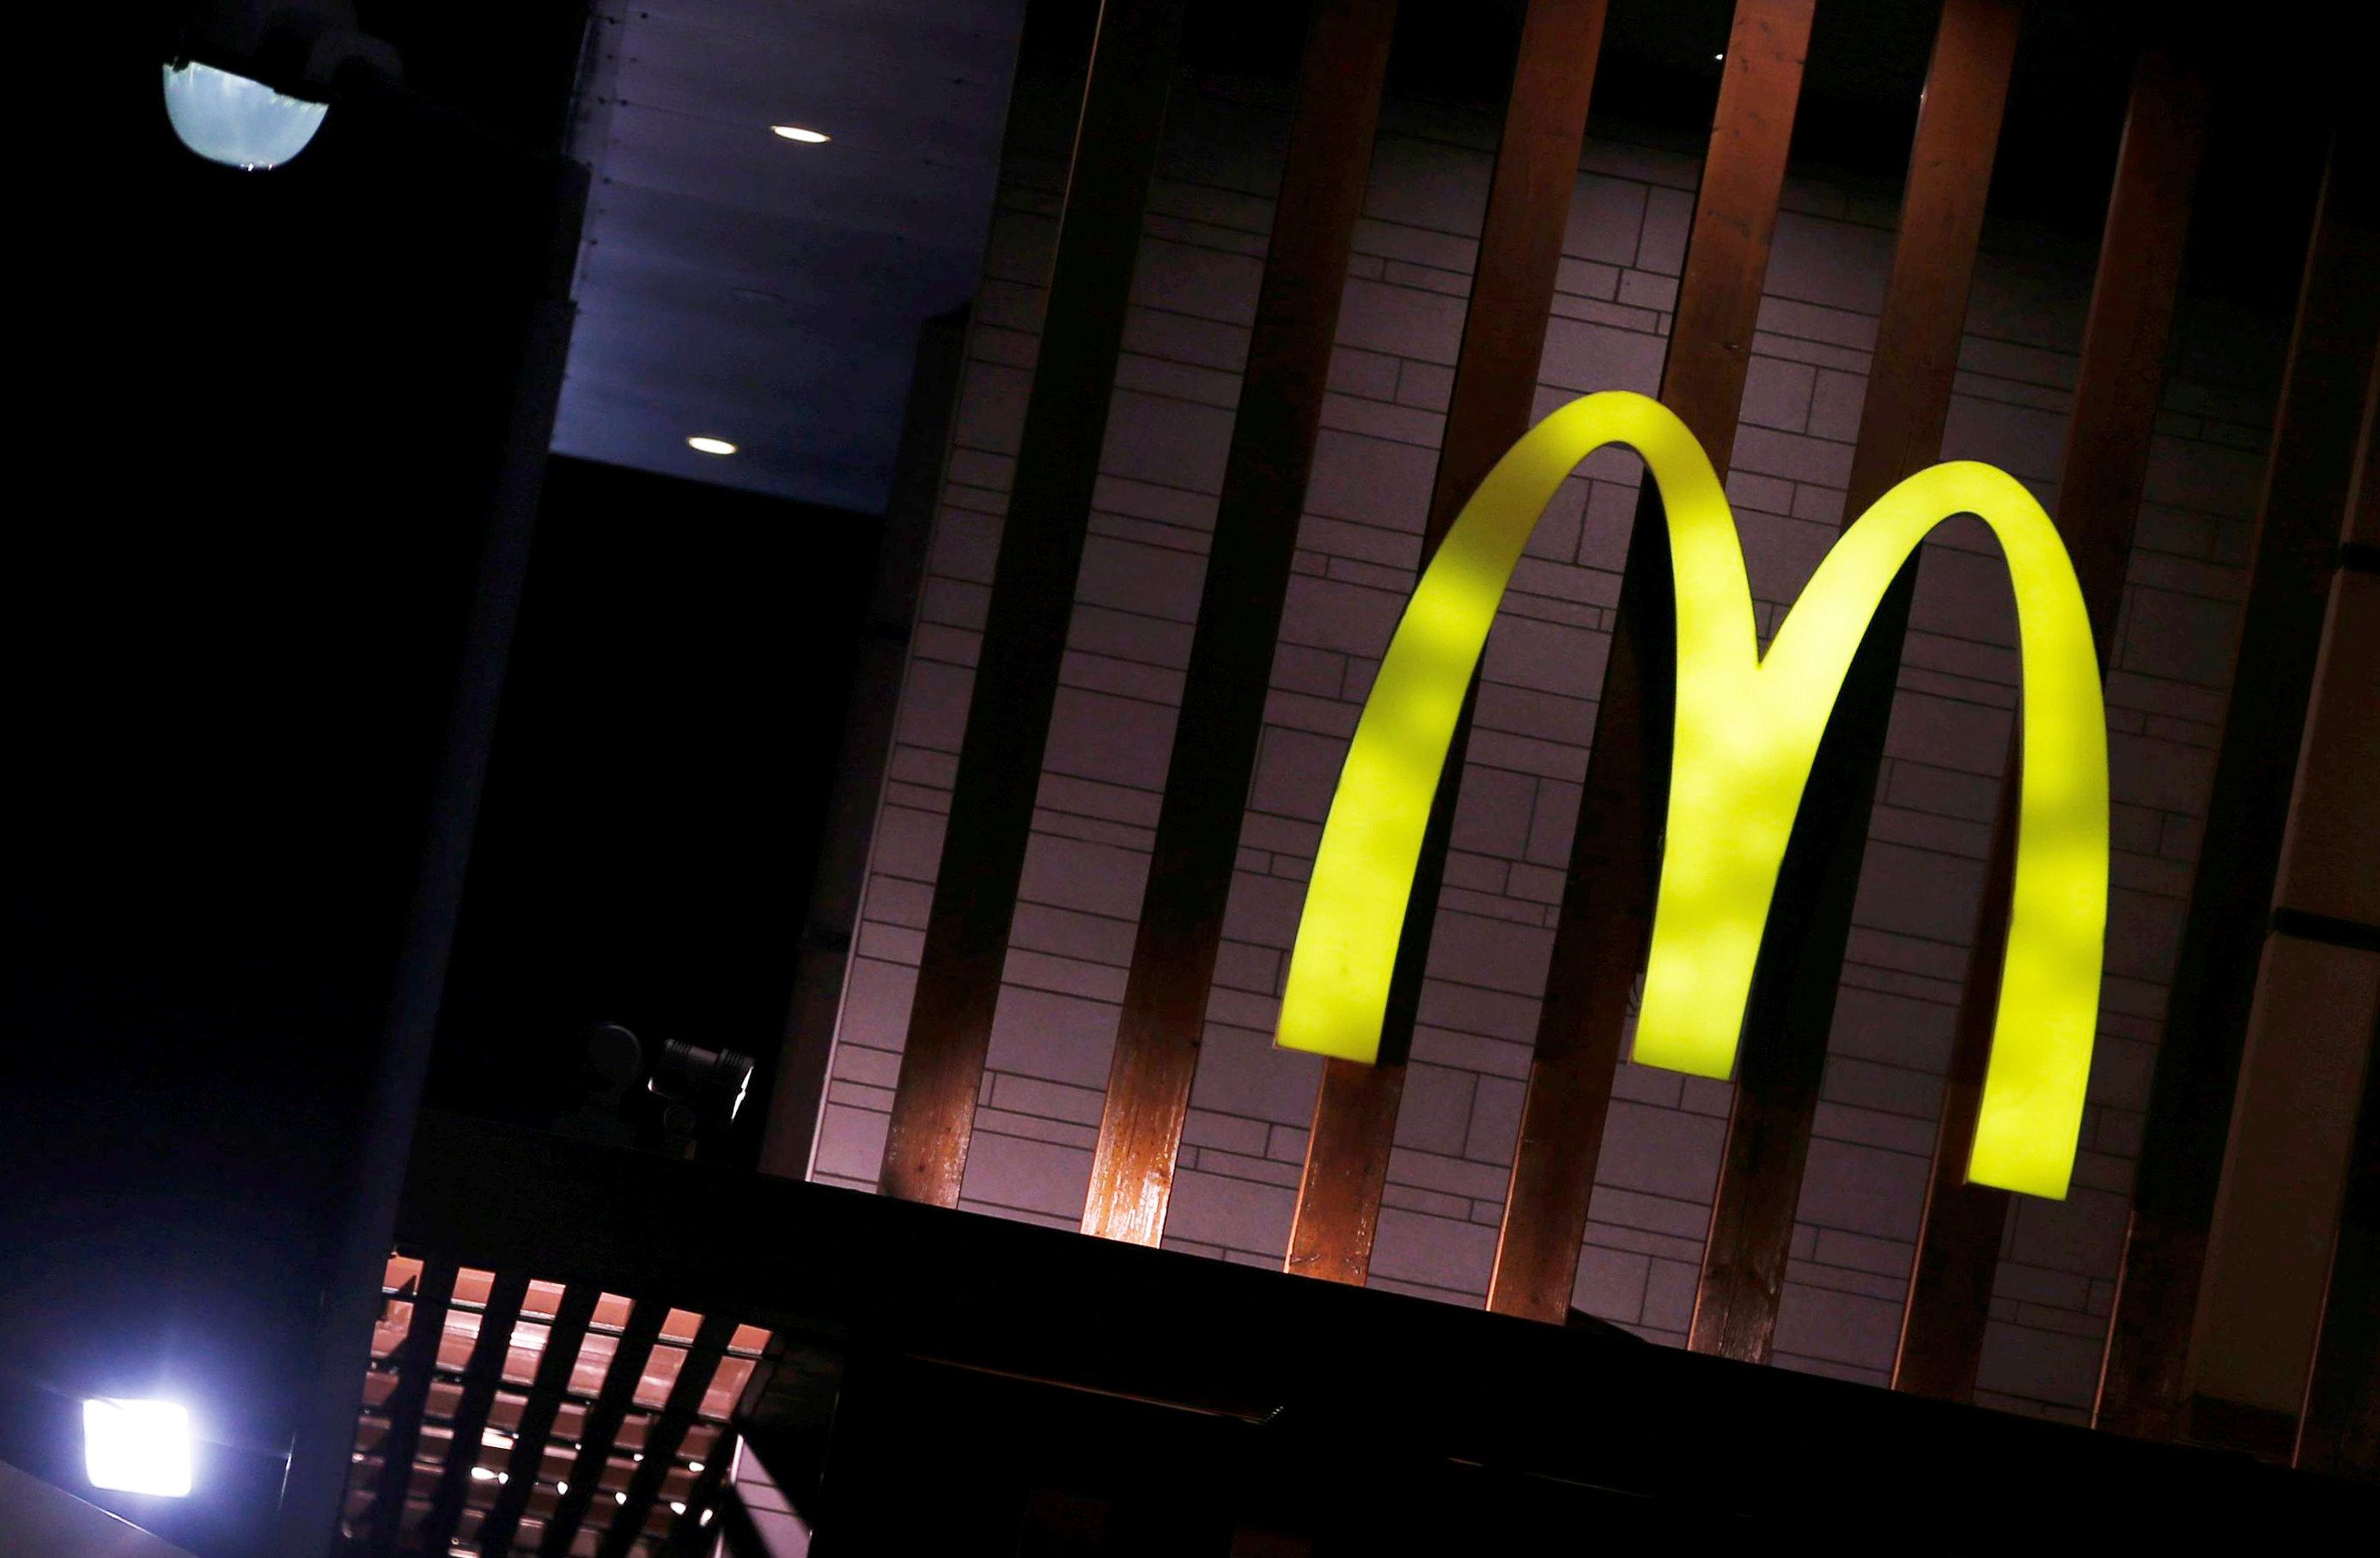 The logo of a McDonald's restaurant is seen in Bordeaux, France, June 18, 2018. Picture taken June 18, 2018. REUTERS/Regis Duvignau